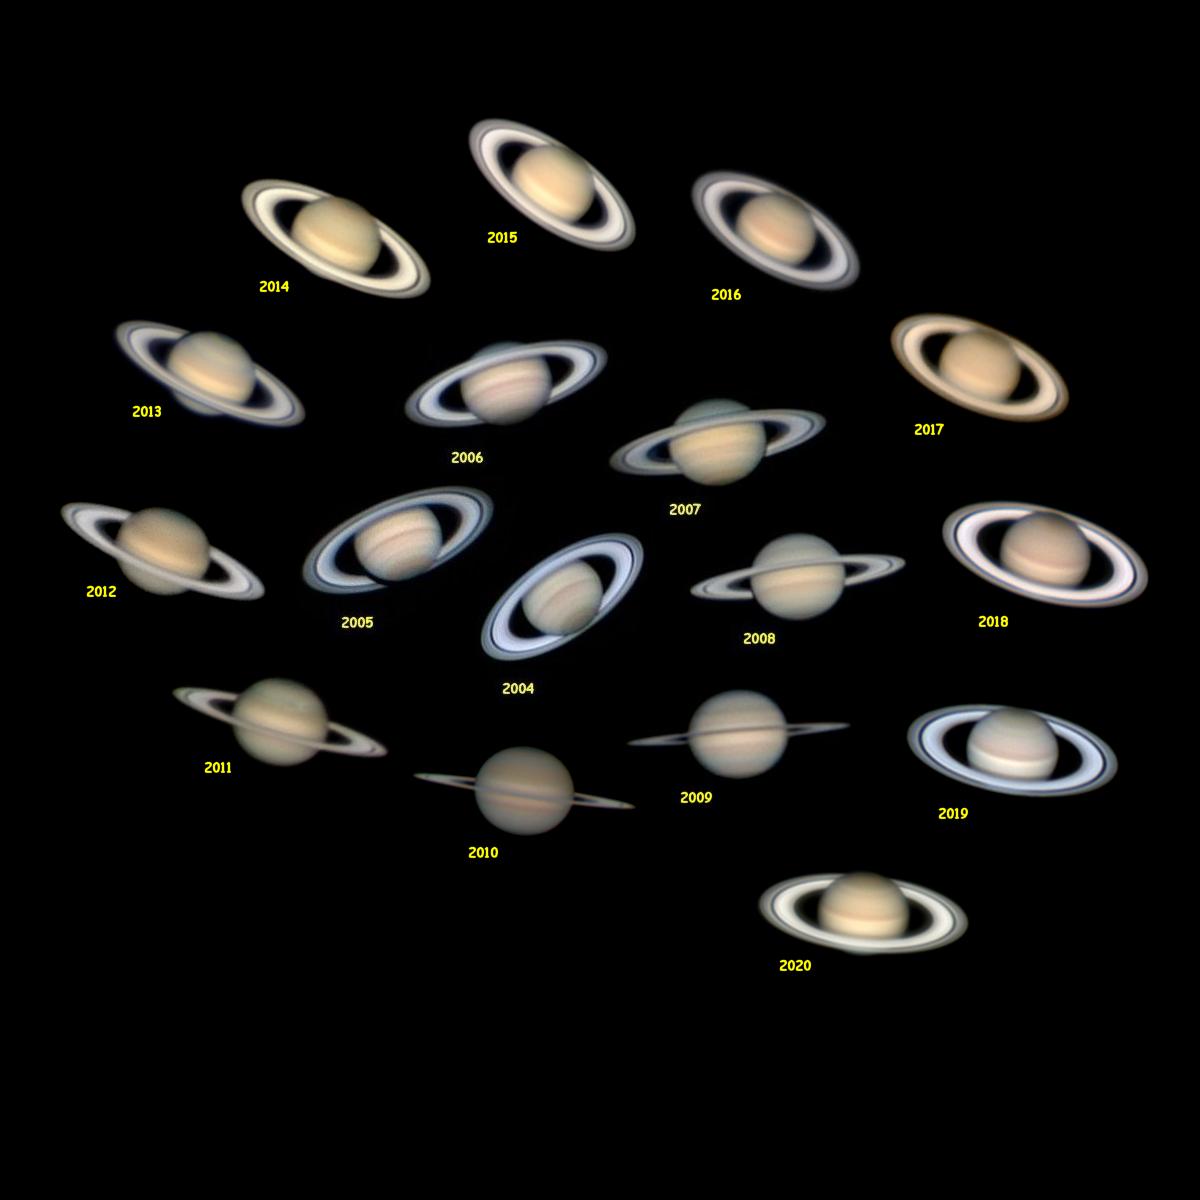 Saturne2004-2020-3.png.ab08559de0dc3da10b290e739051b97b.png